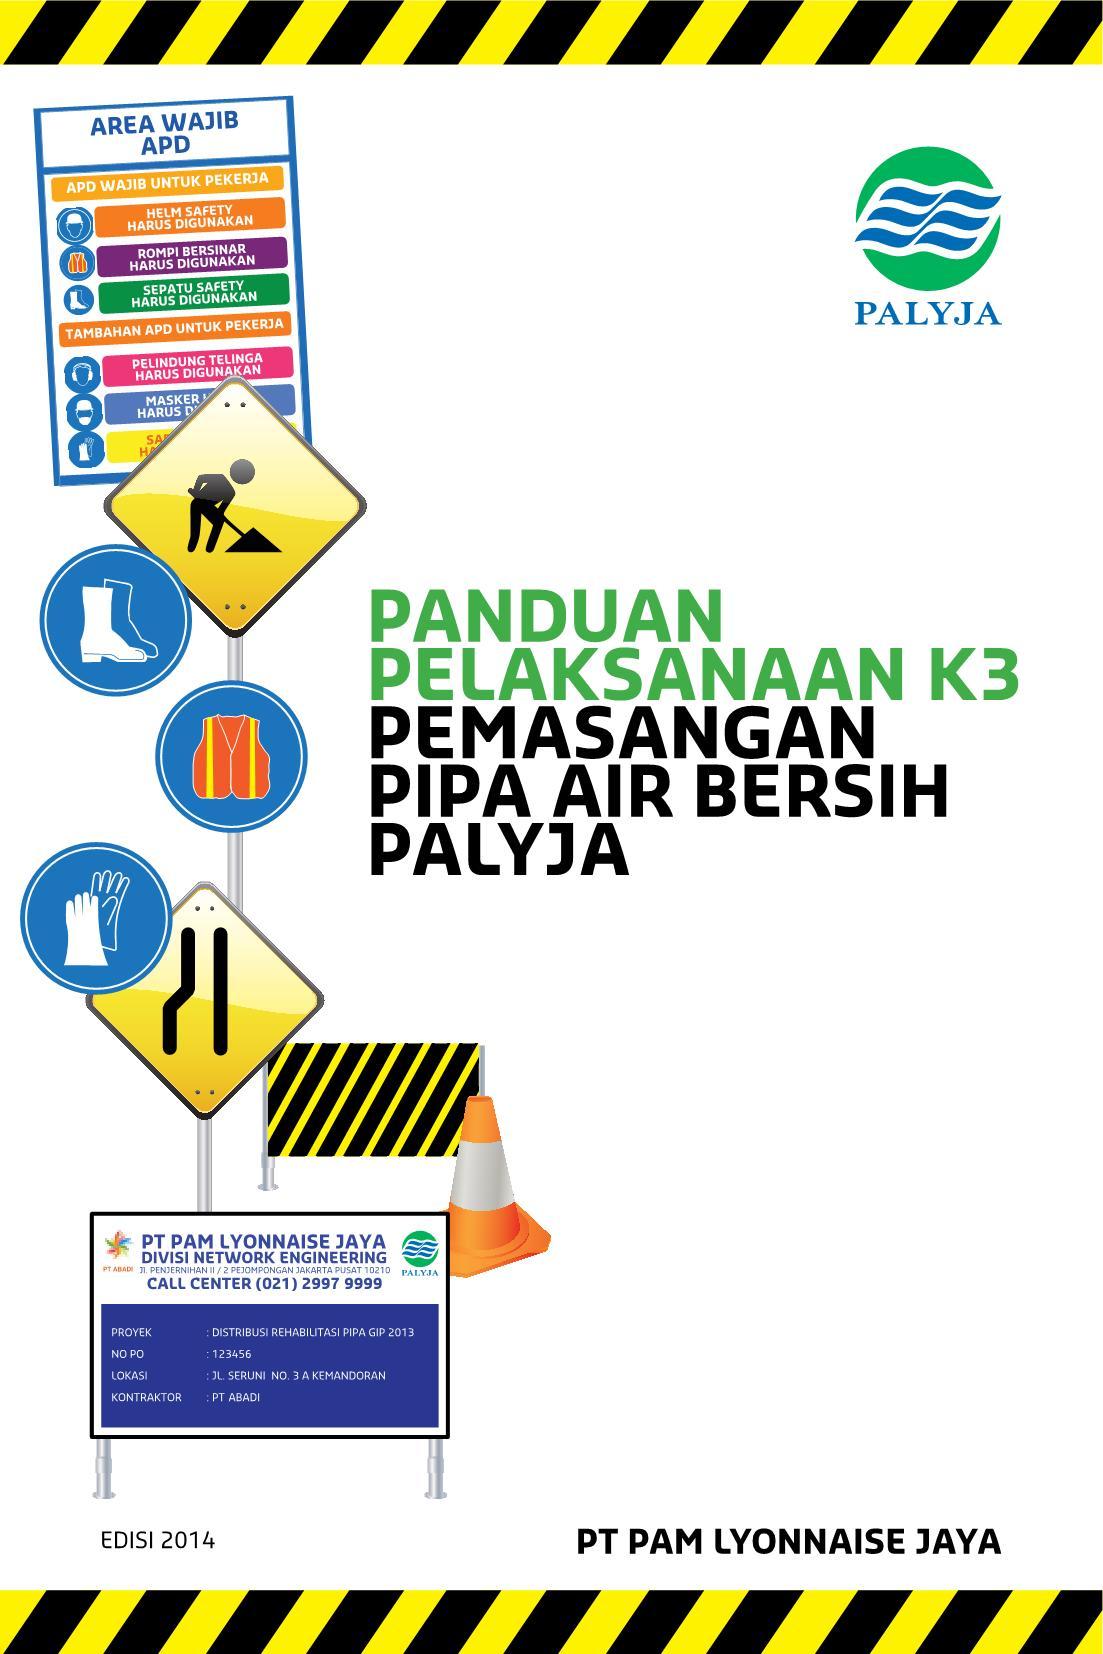 Layout Panduan Pelaksanaan K3 Pemasangan Pipa Air Bersih Flip Book Pages 1 50 Pubhtml5